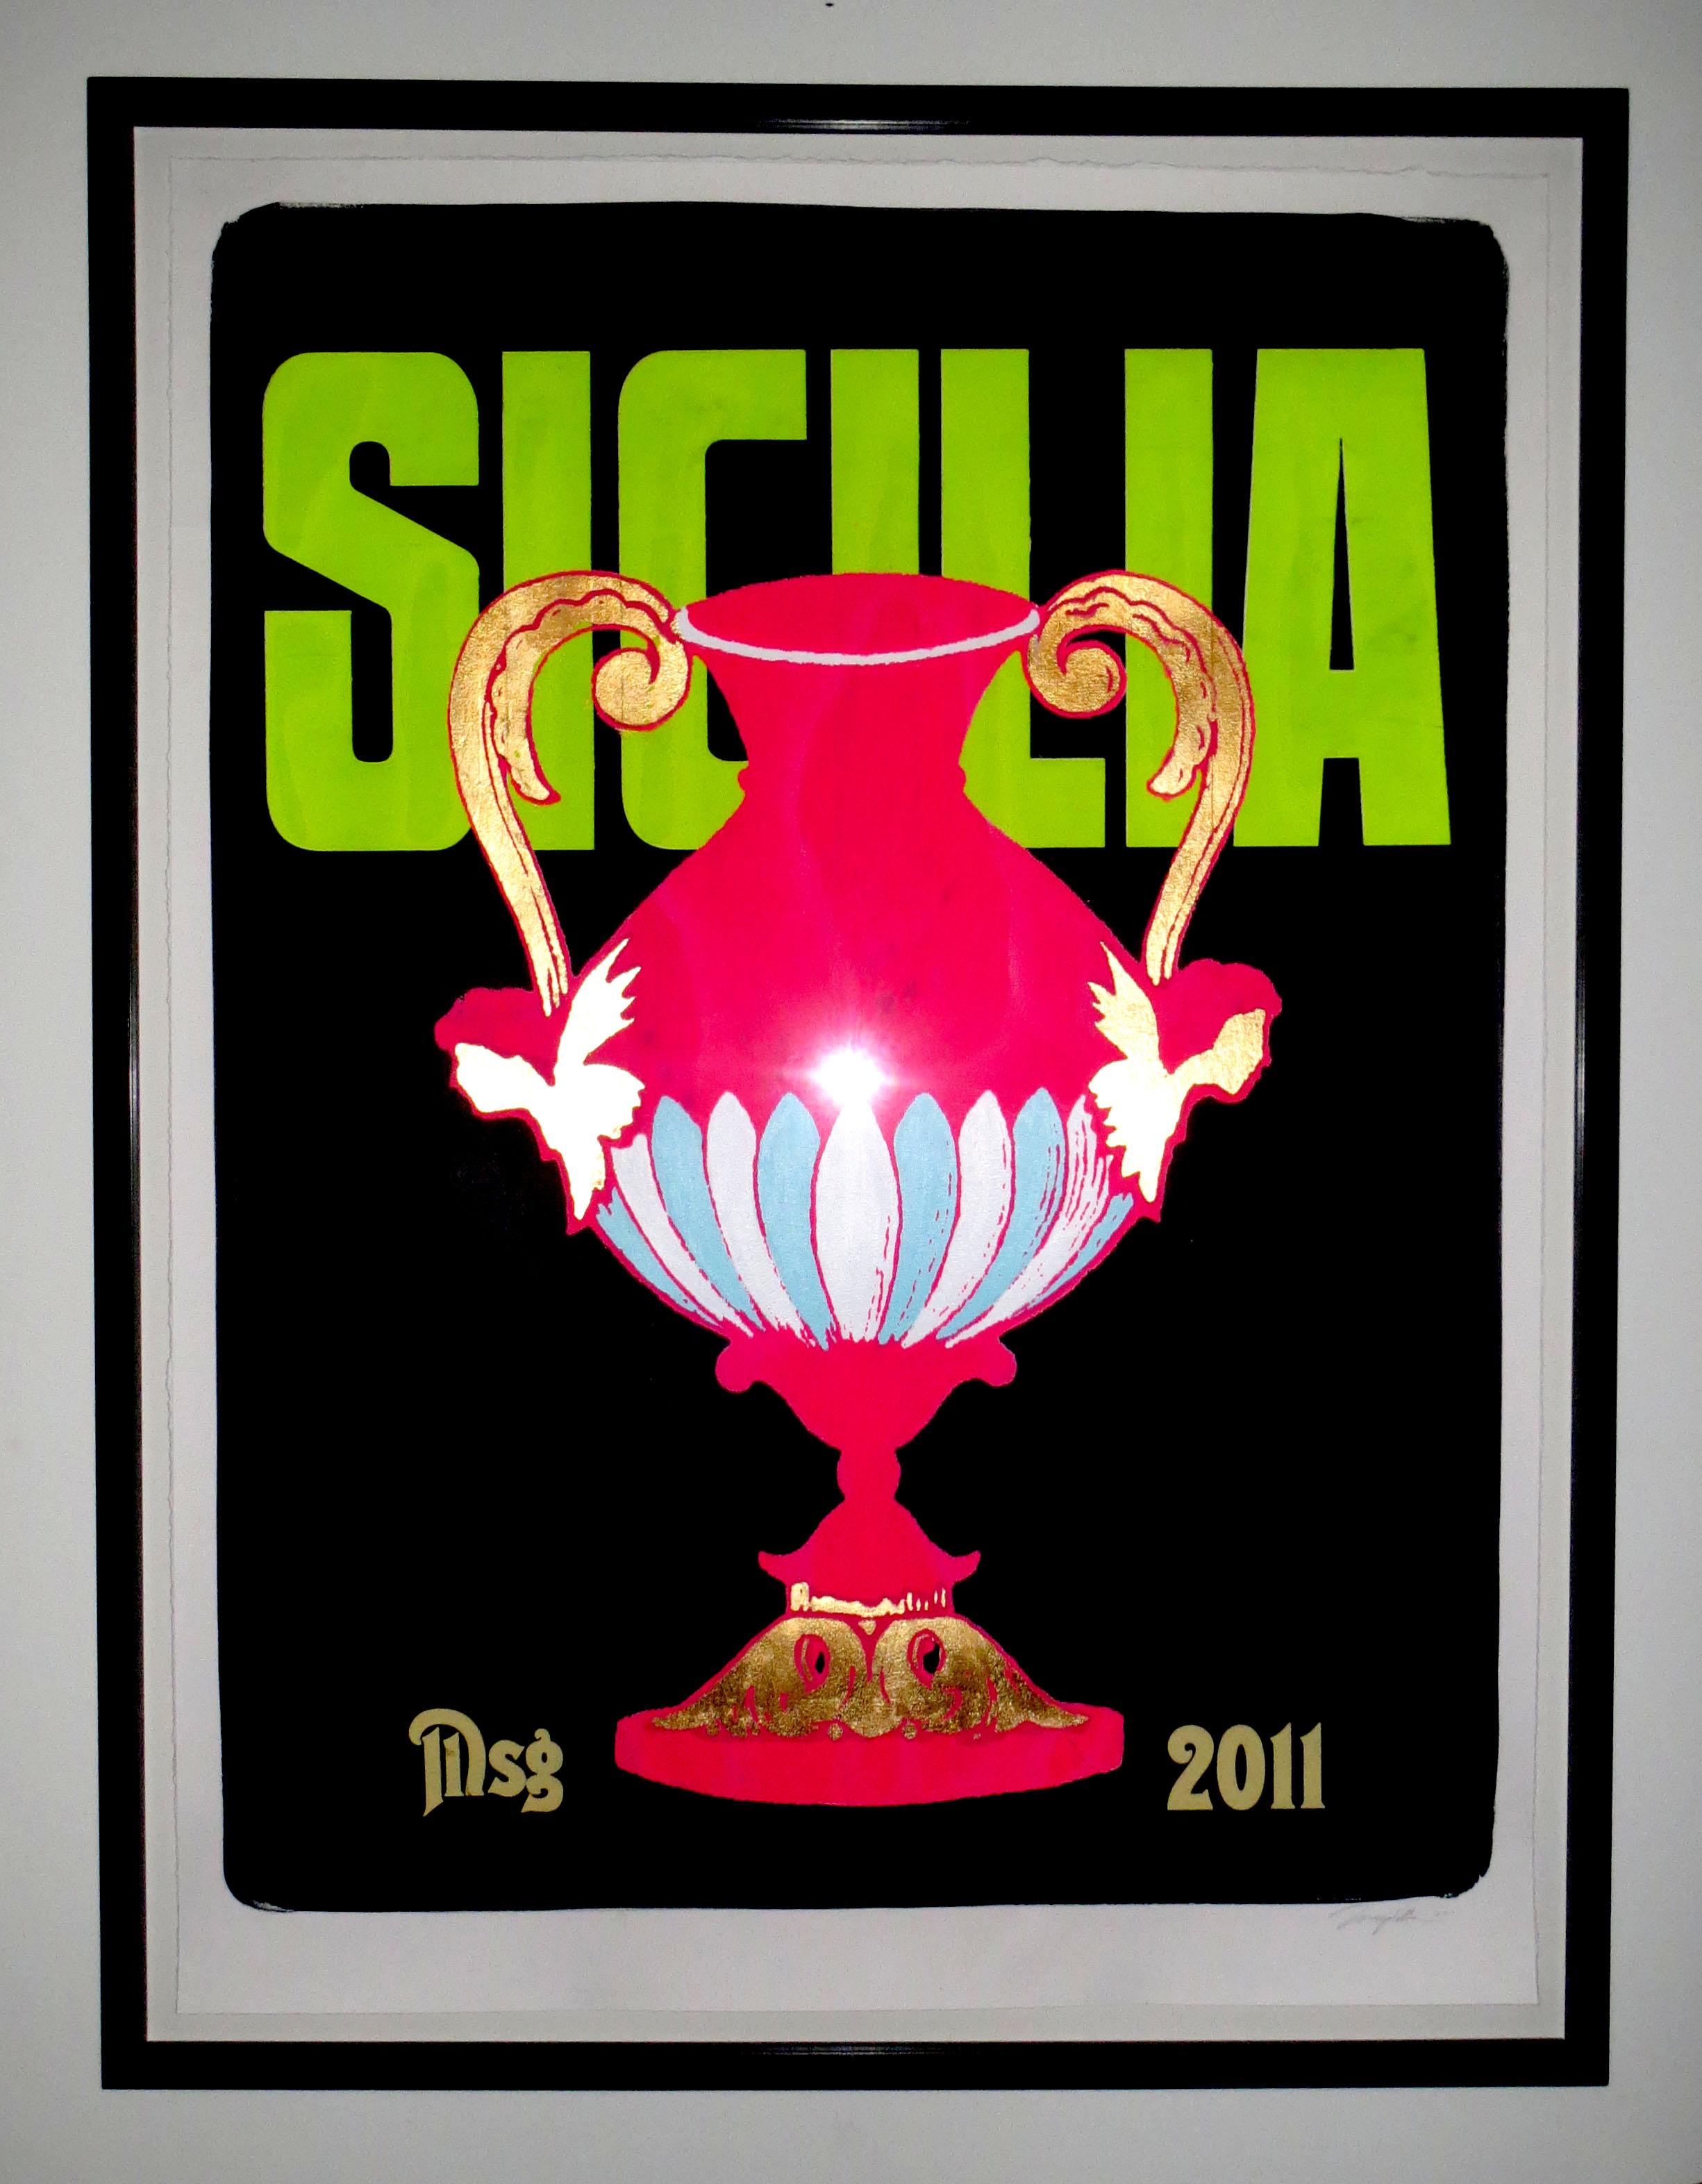 Sicilia framed